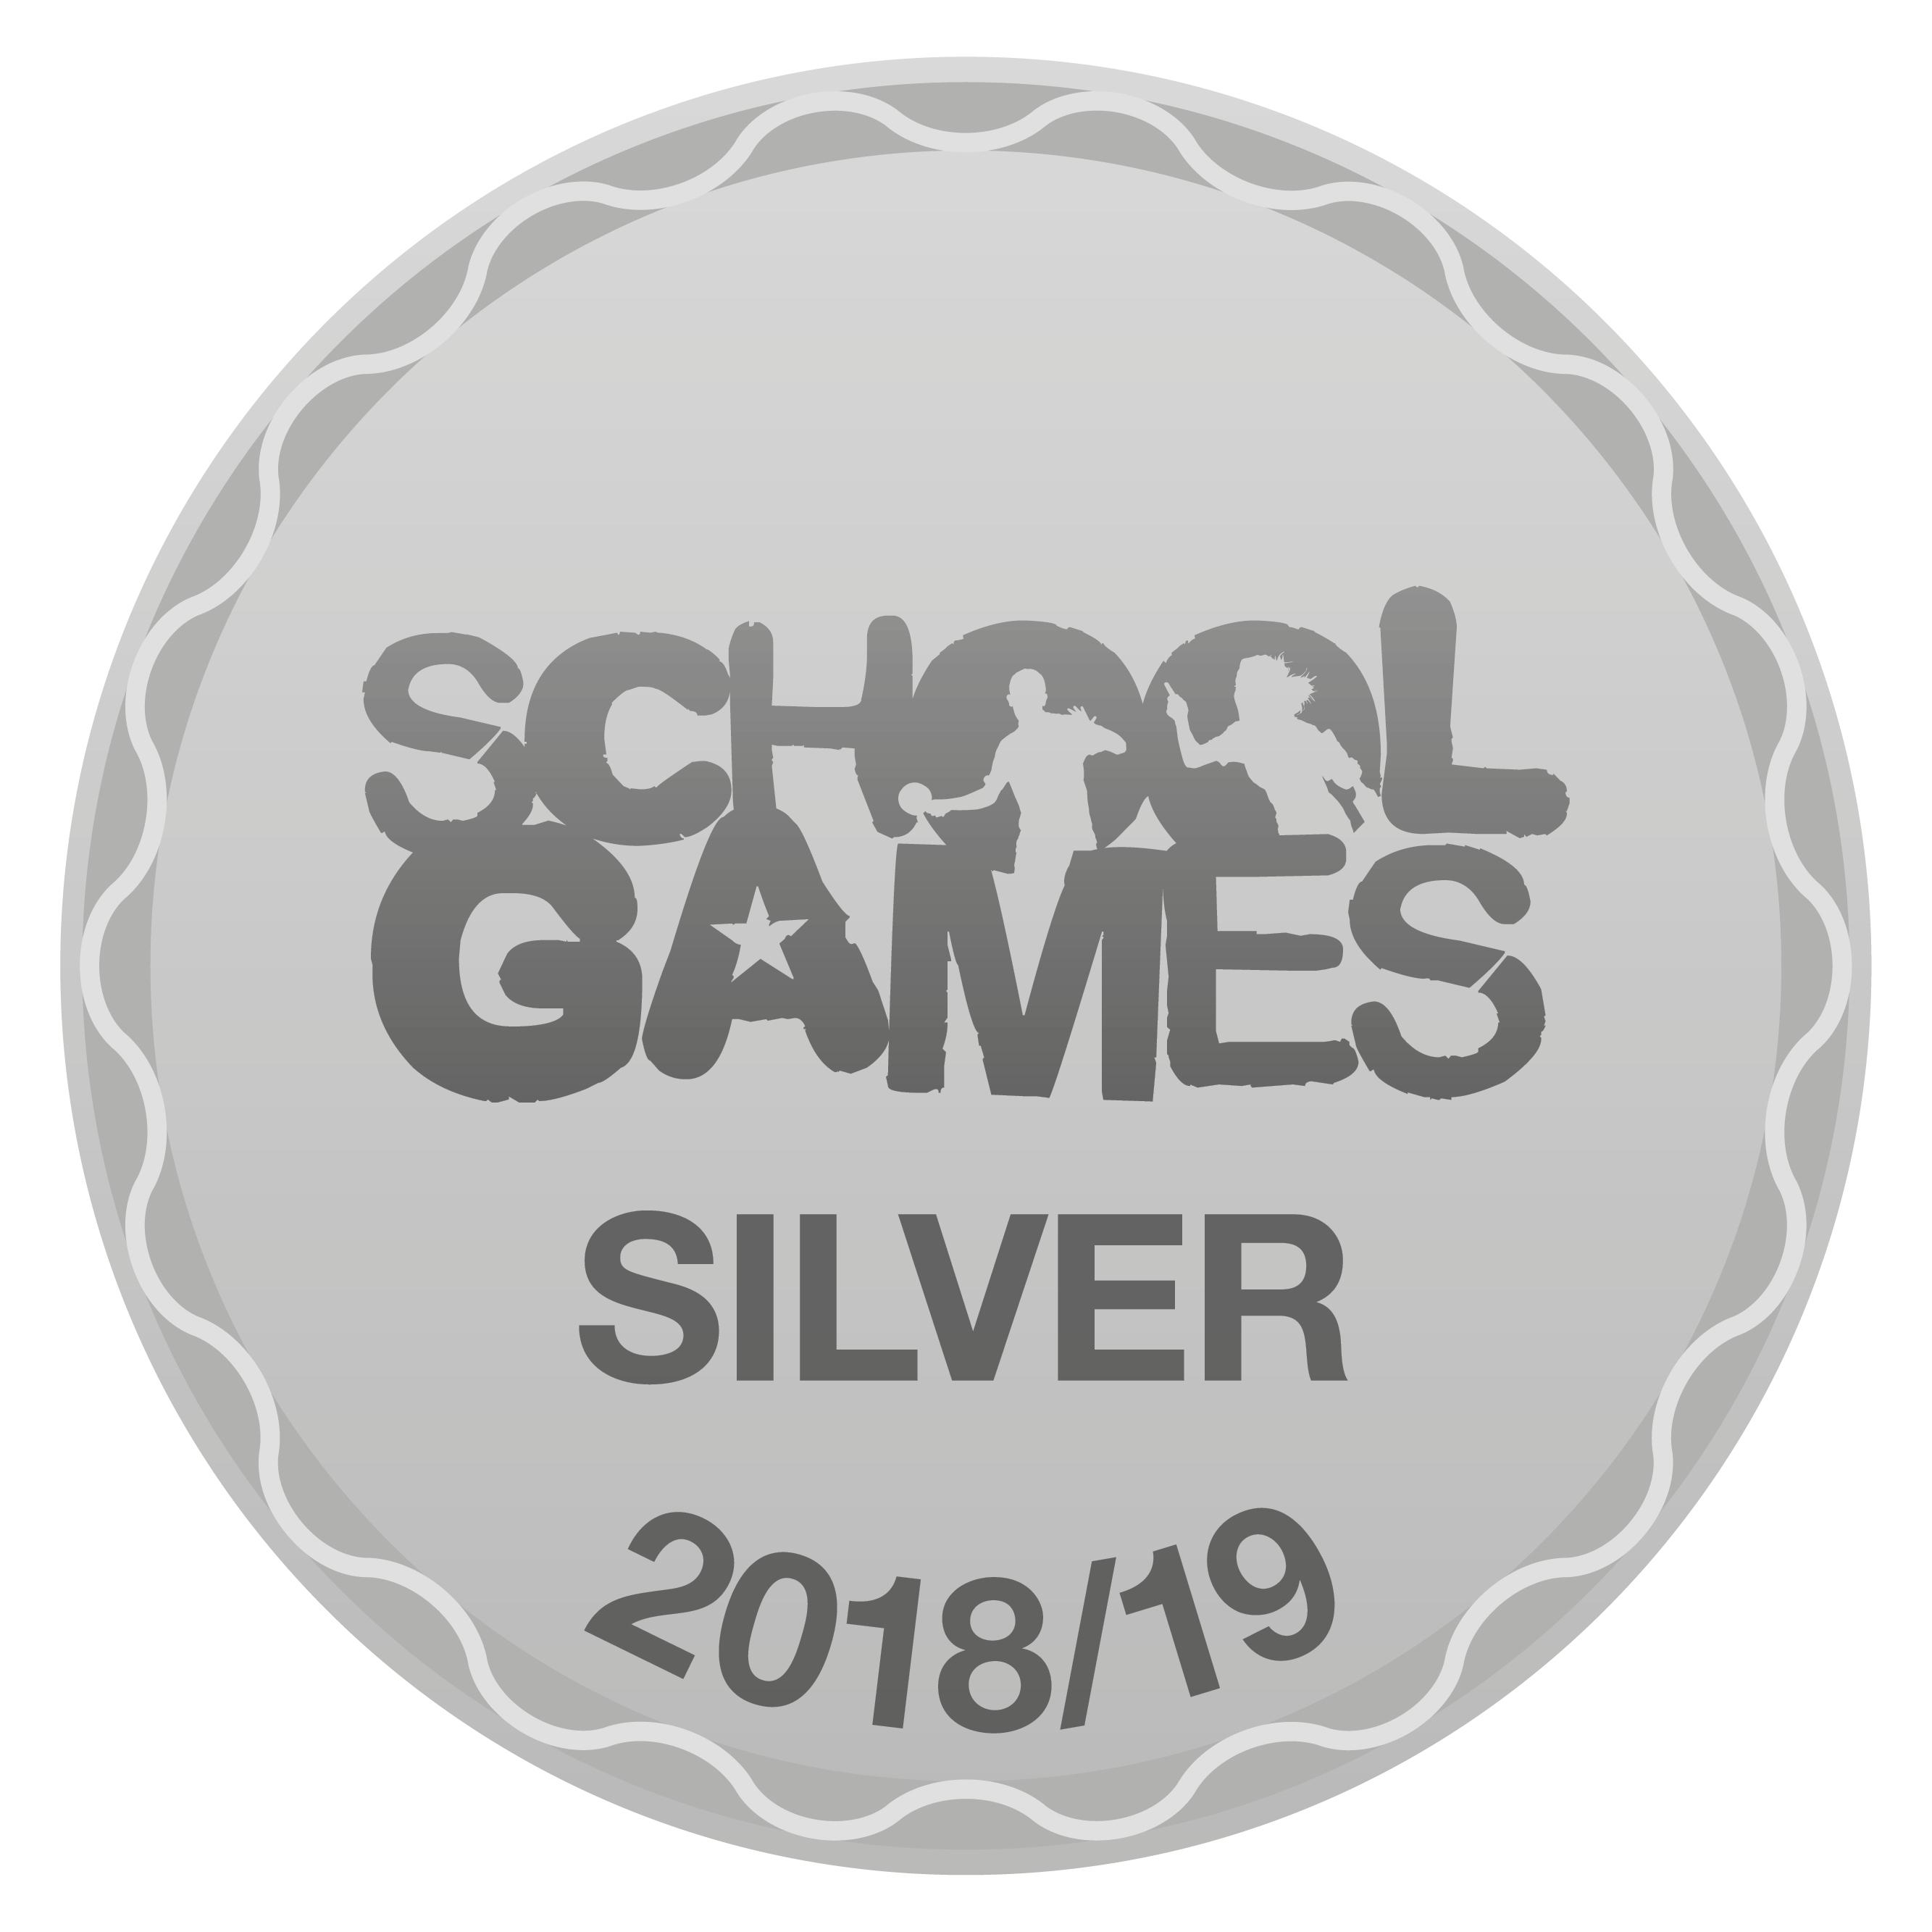 SG L1 3 mark silver 2018 19